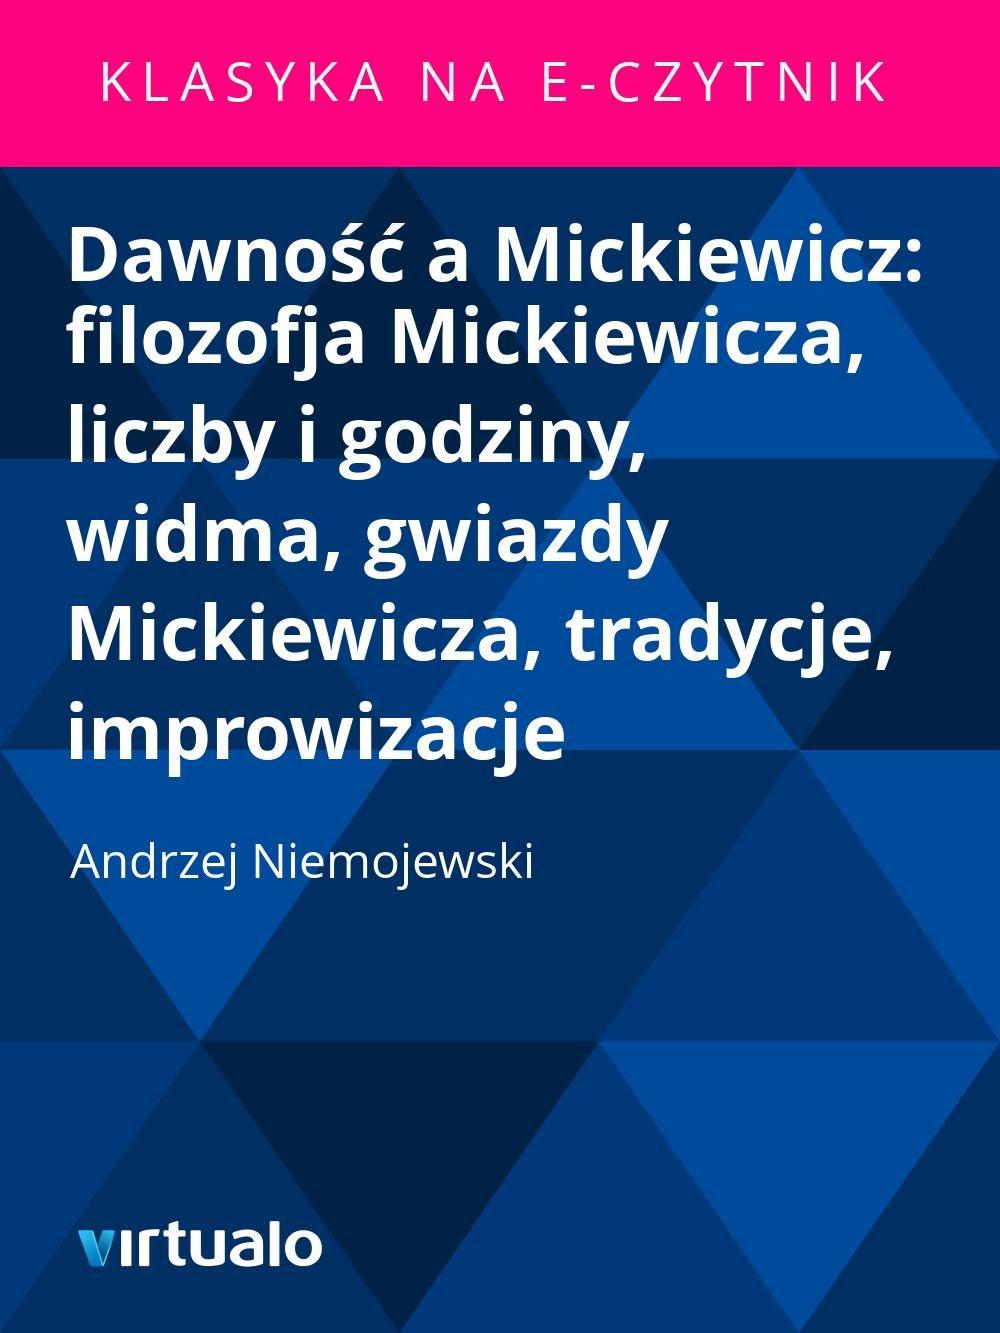 Dawność a Mickiewicz: filozofja Mickiewicza, liczby i godziny, widma, gwiazdy Mickiewicza, tradycje, improwizacje - Ebook (Książka EPUB) do pobrania w formacie EPUB